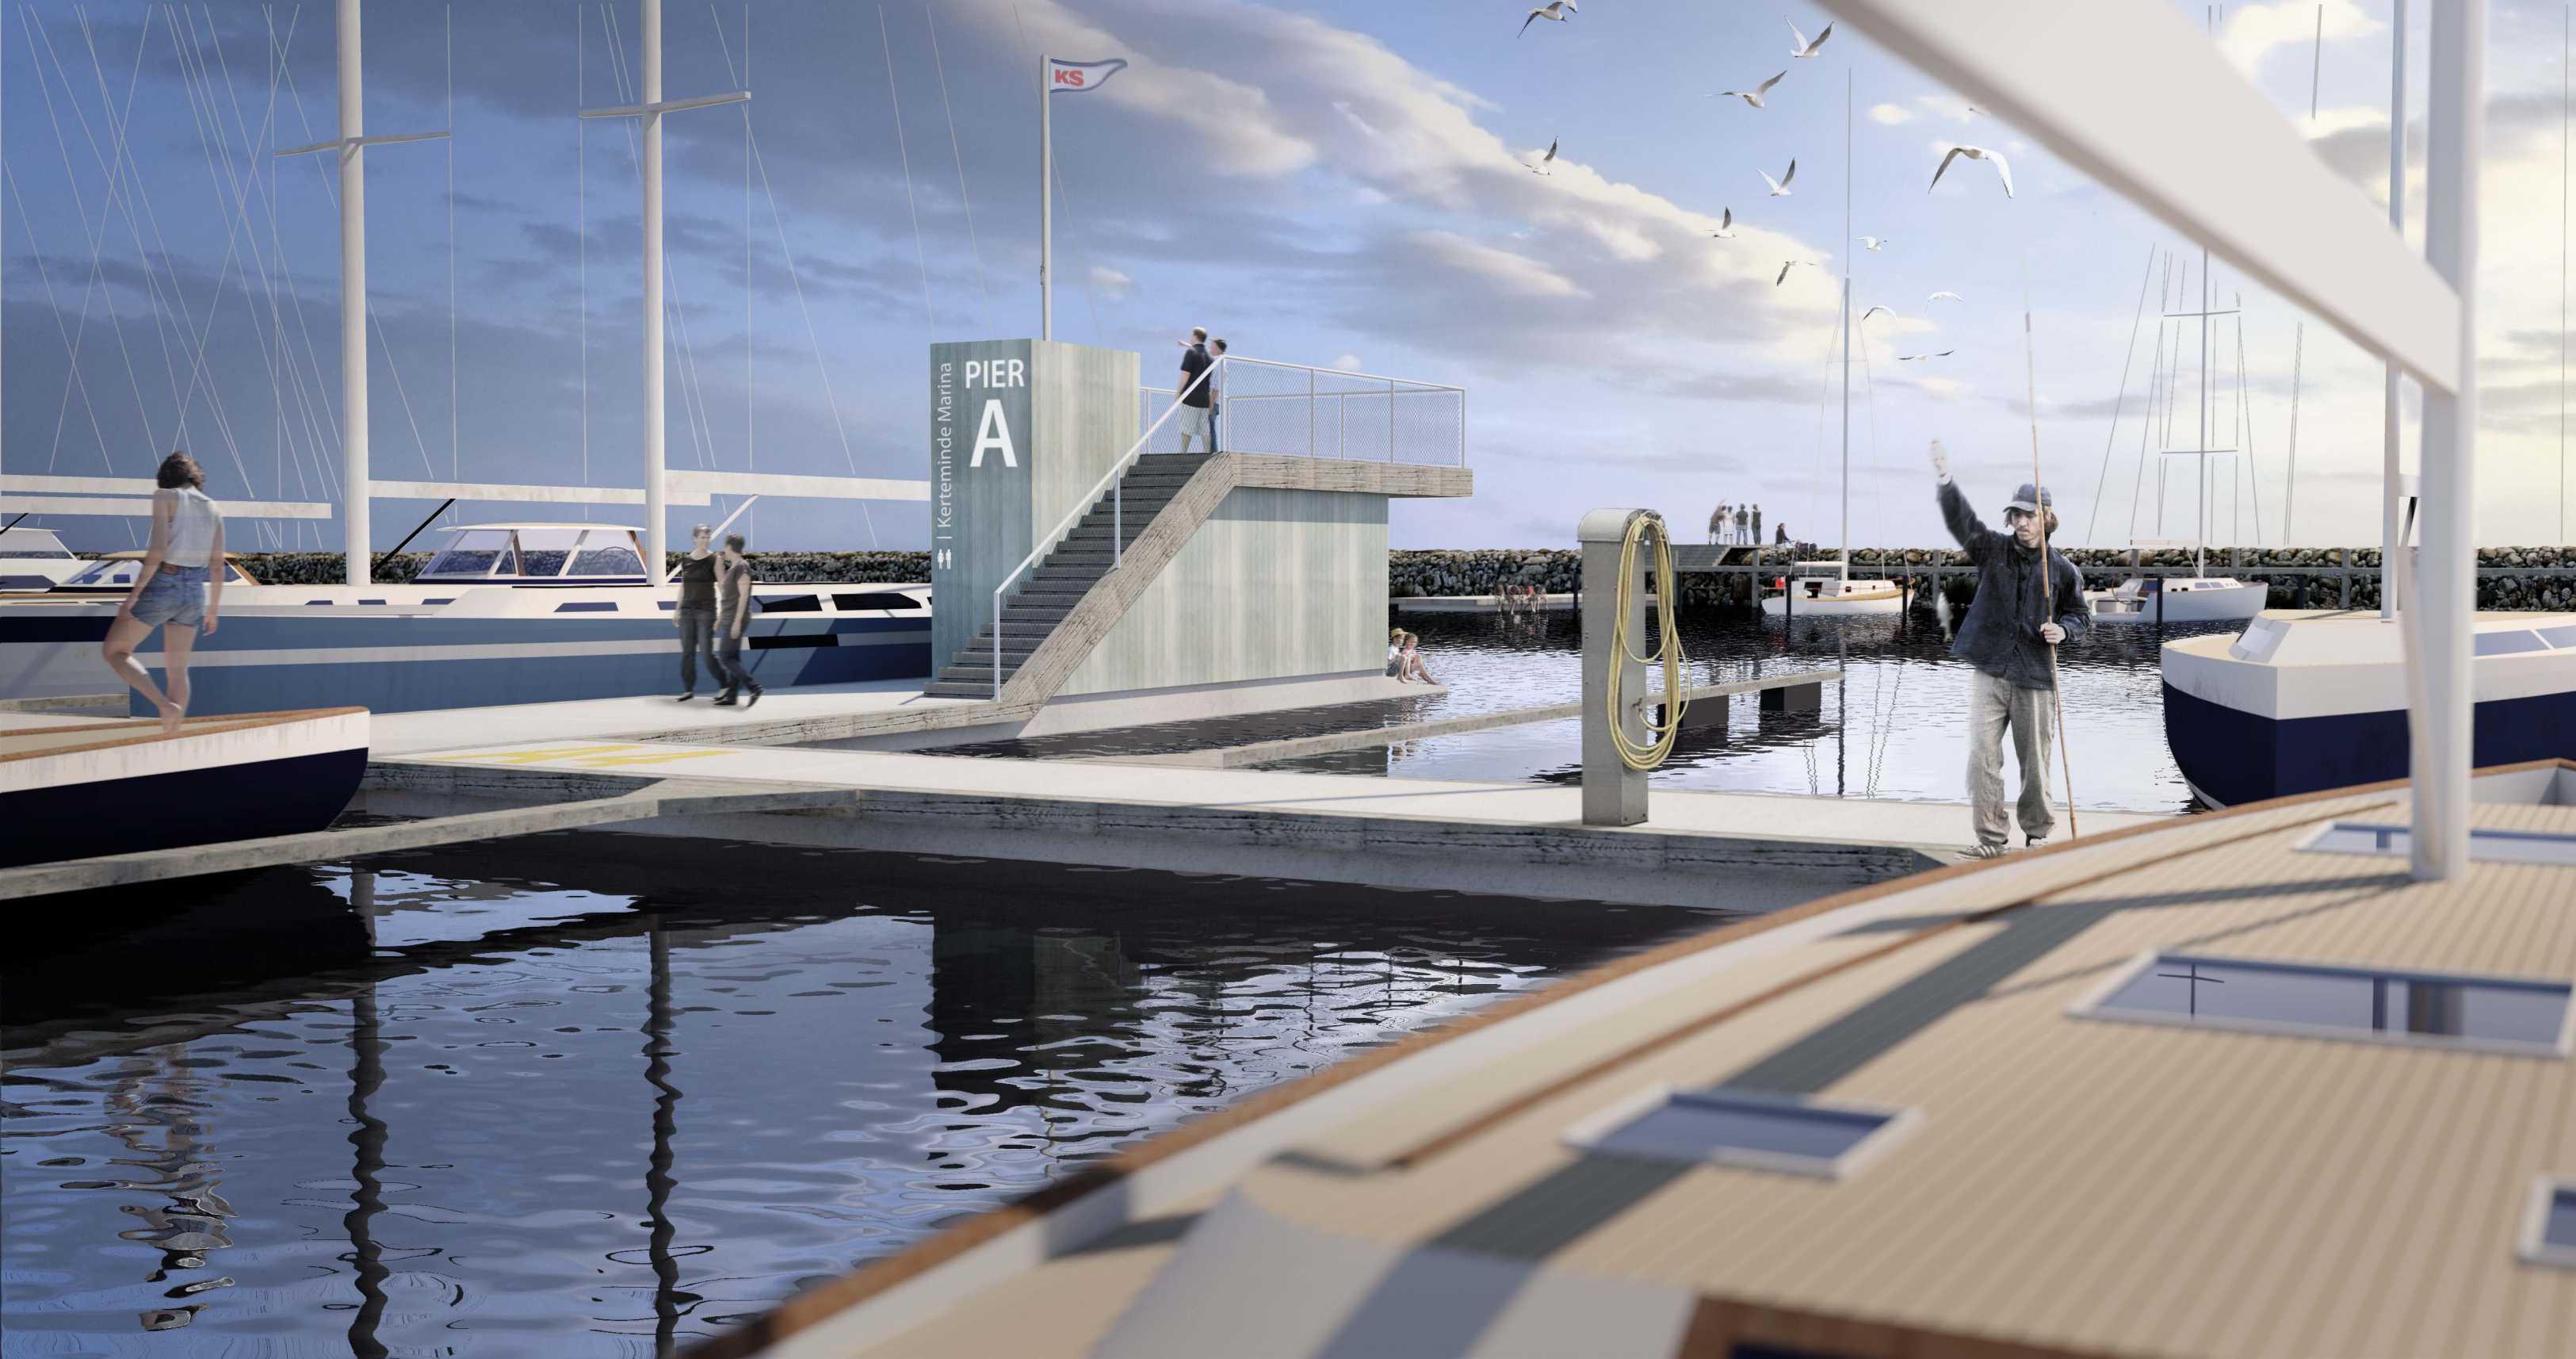 Havneplan, Kerteminde Marina, Strandkilen, Udsigtsplatform